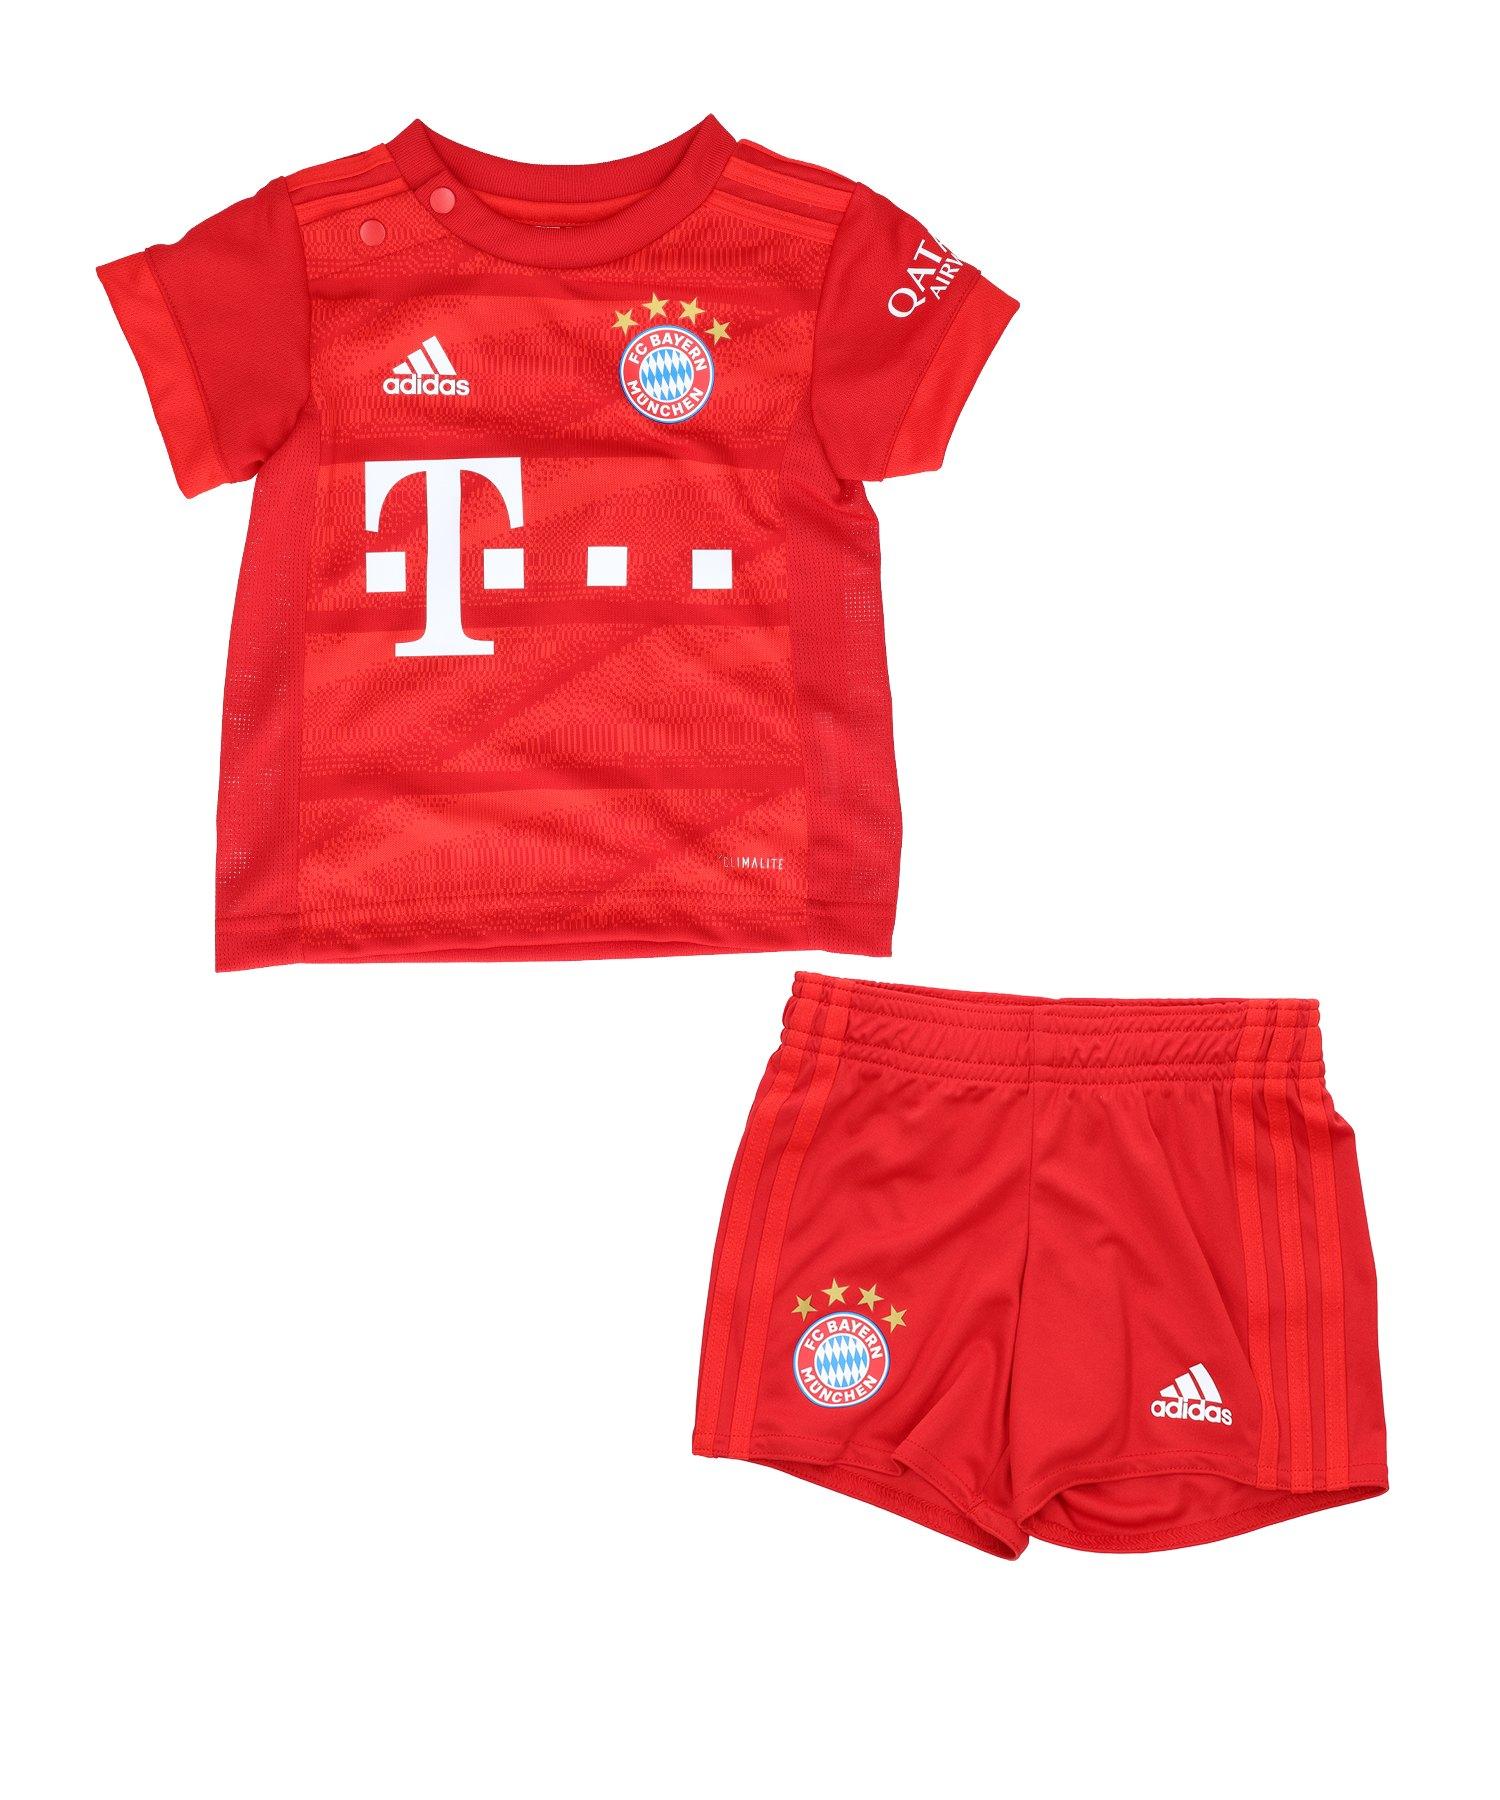 adidas FC Bayern München Babykit Home 2019/2020 - Rot